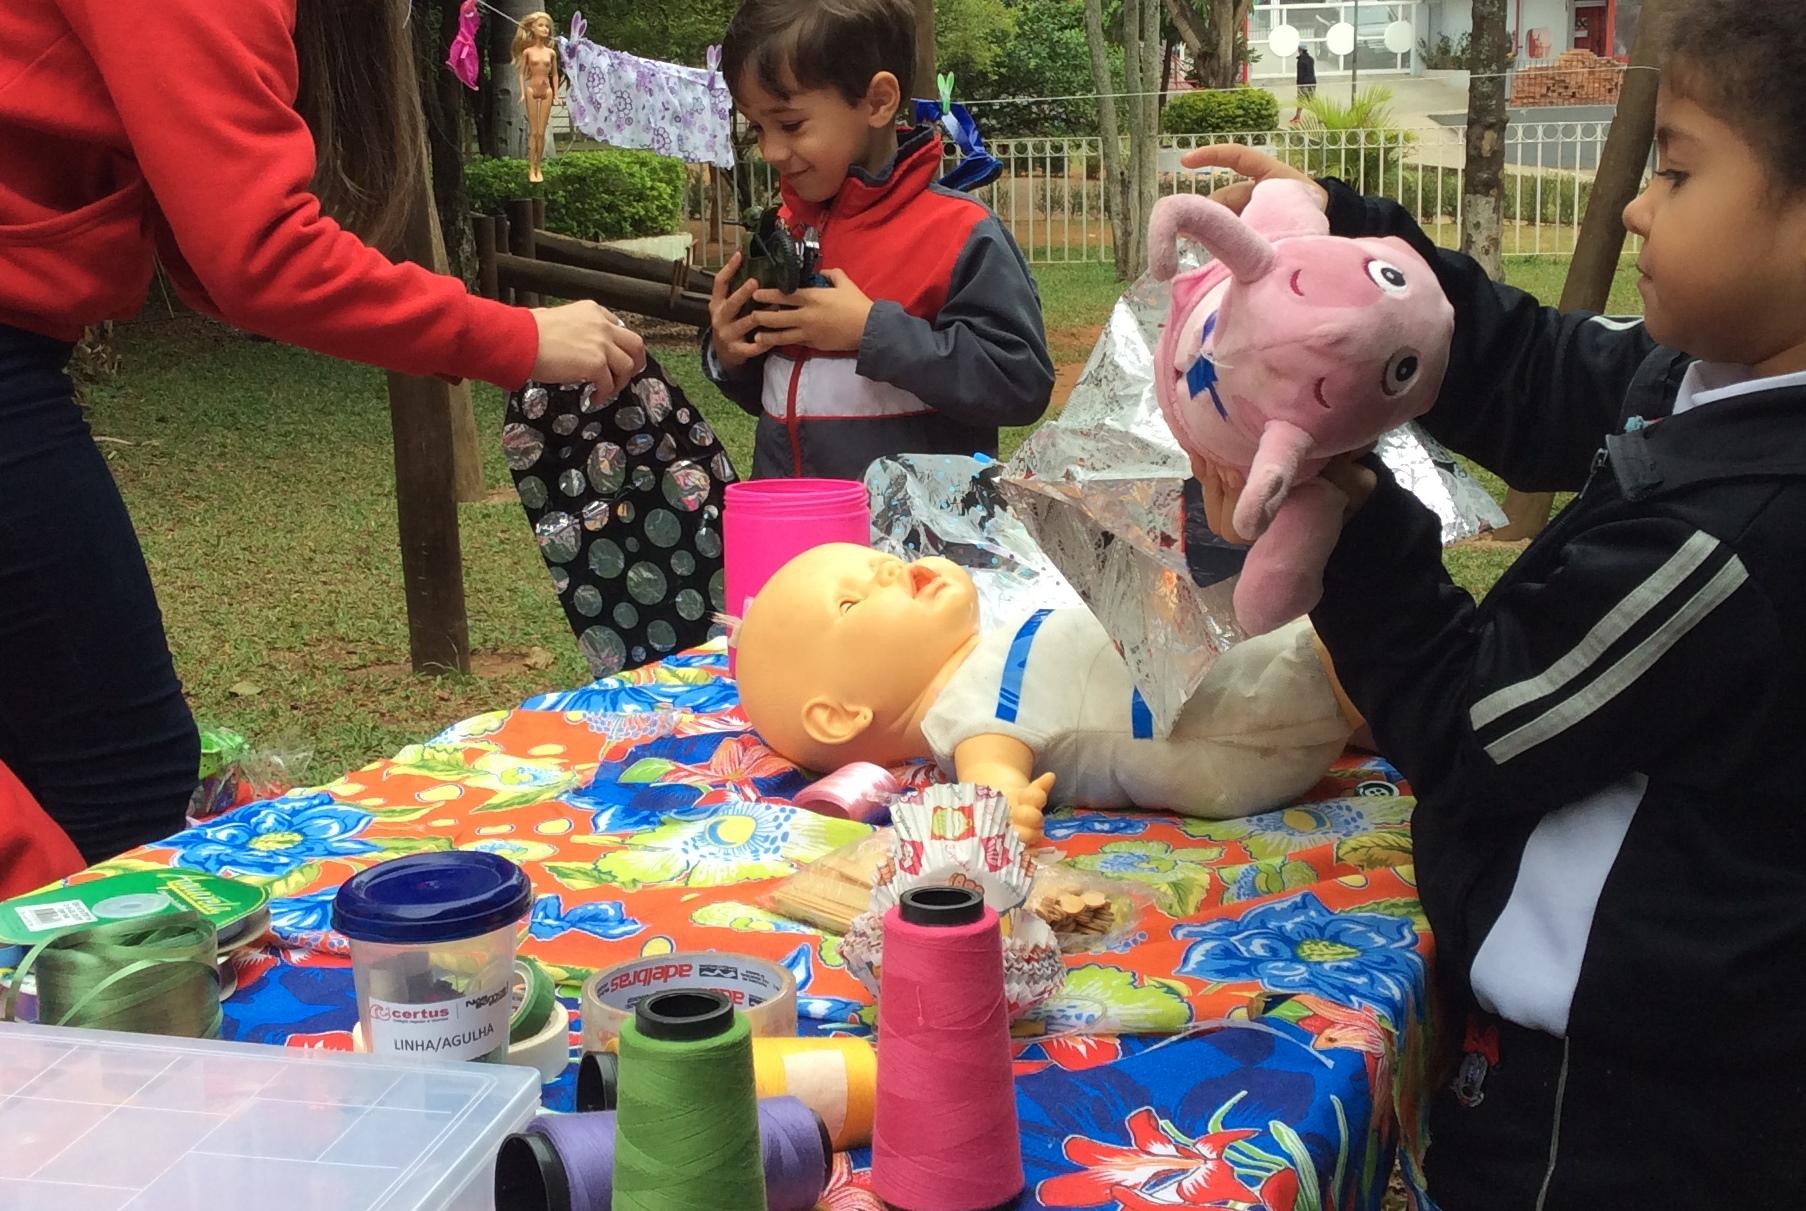 Turma Integral Certus reforma brinquedos campanha globalDia do aprender brincando